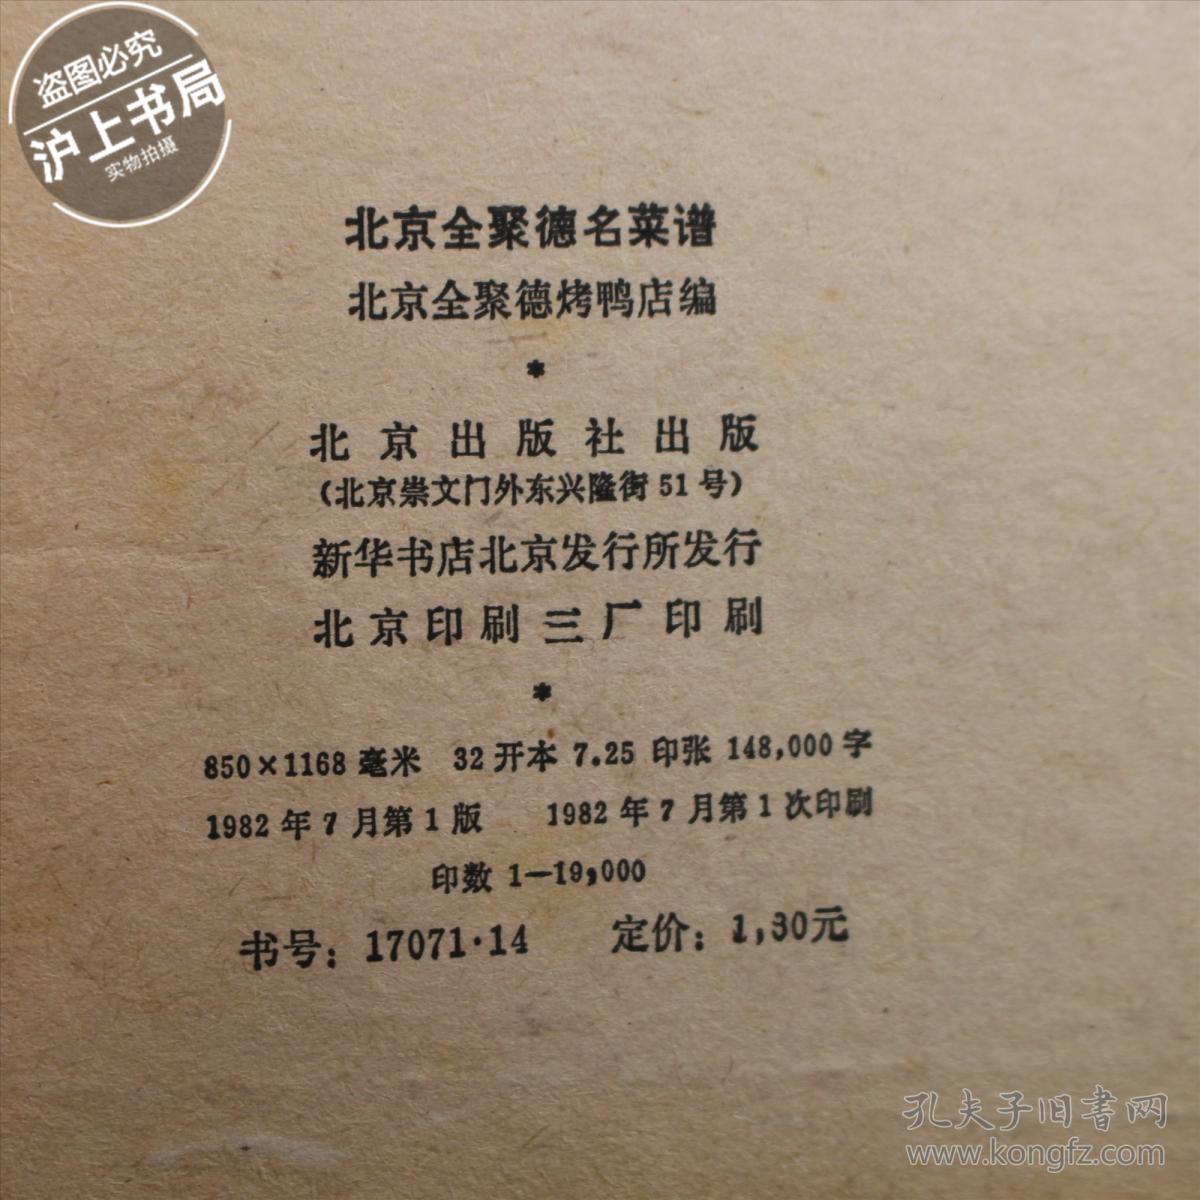 北京全聚德菜谱谱_北京全聚德烤鸭店编_孔夫子旧书网名菜爆炒鸡腿江湖图片